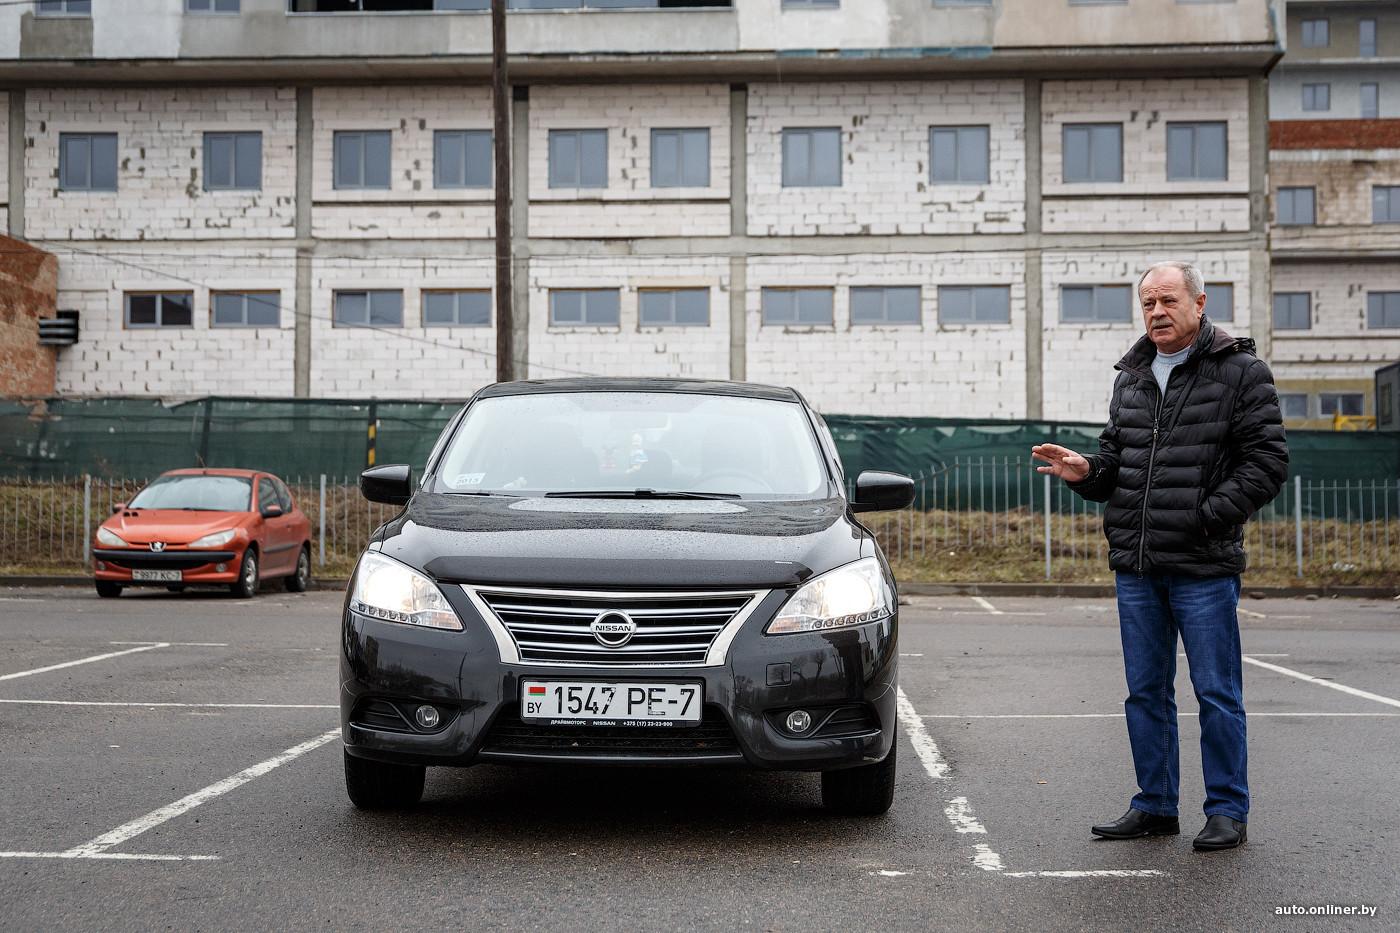 Можно ли вернуть автомобиль за 14 дней автодилеру, если выявили неисправности